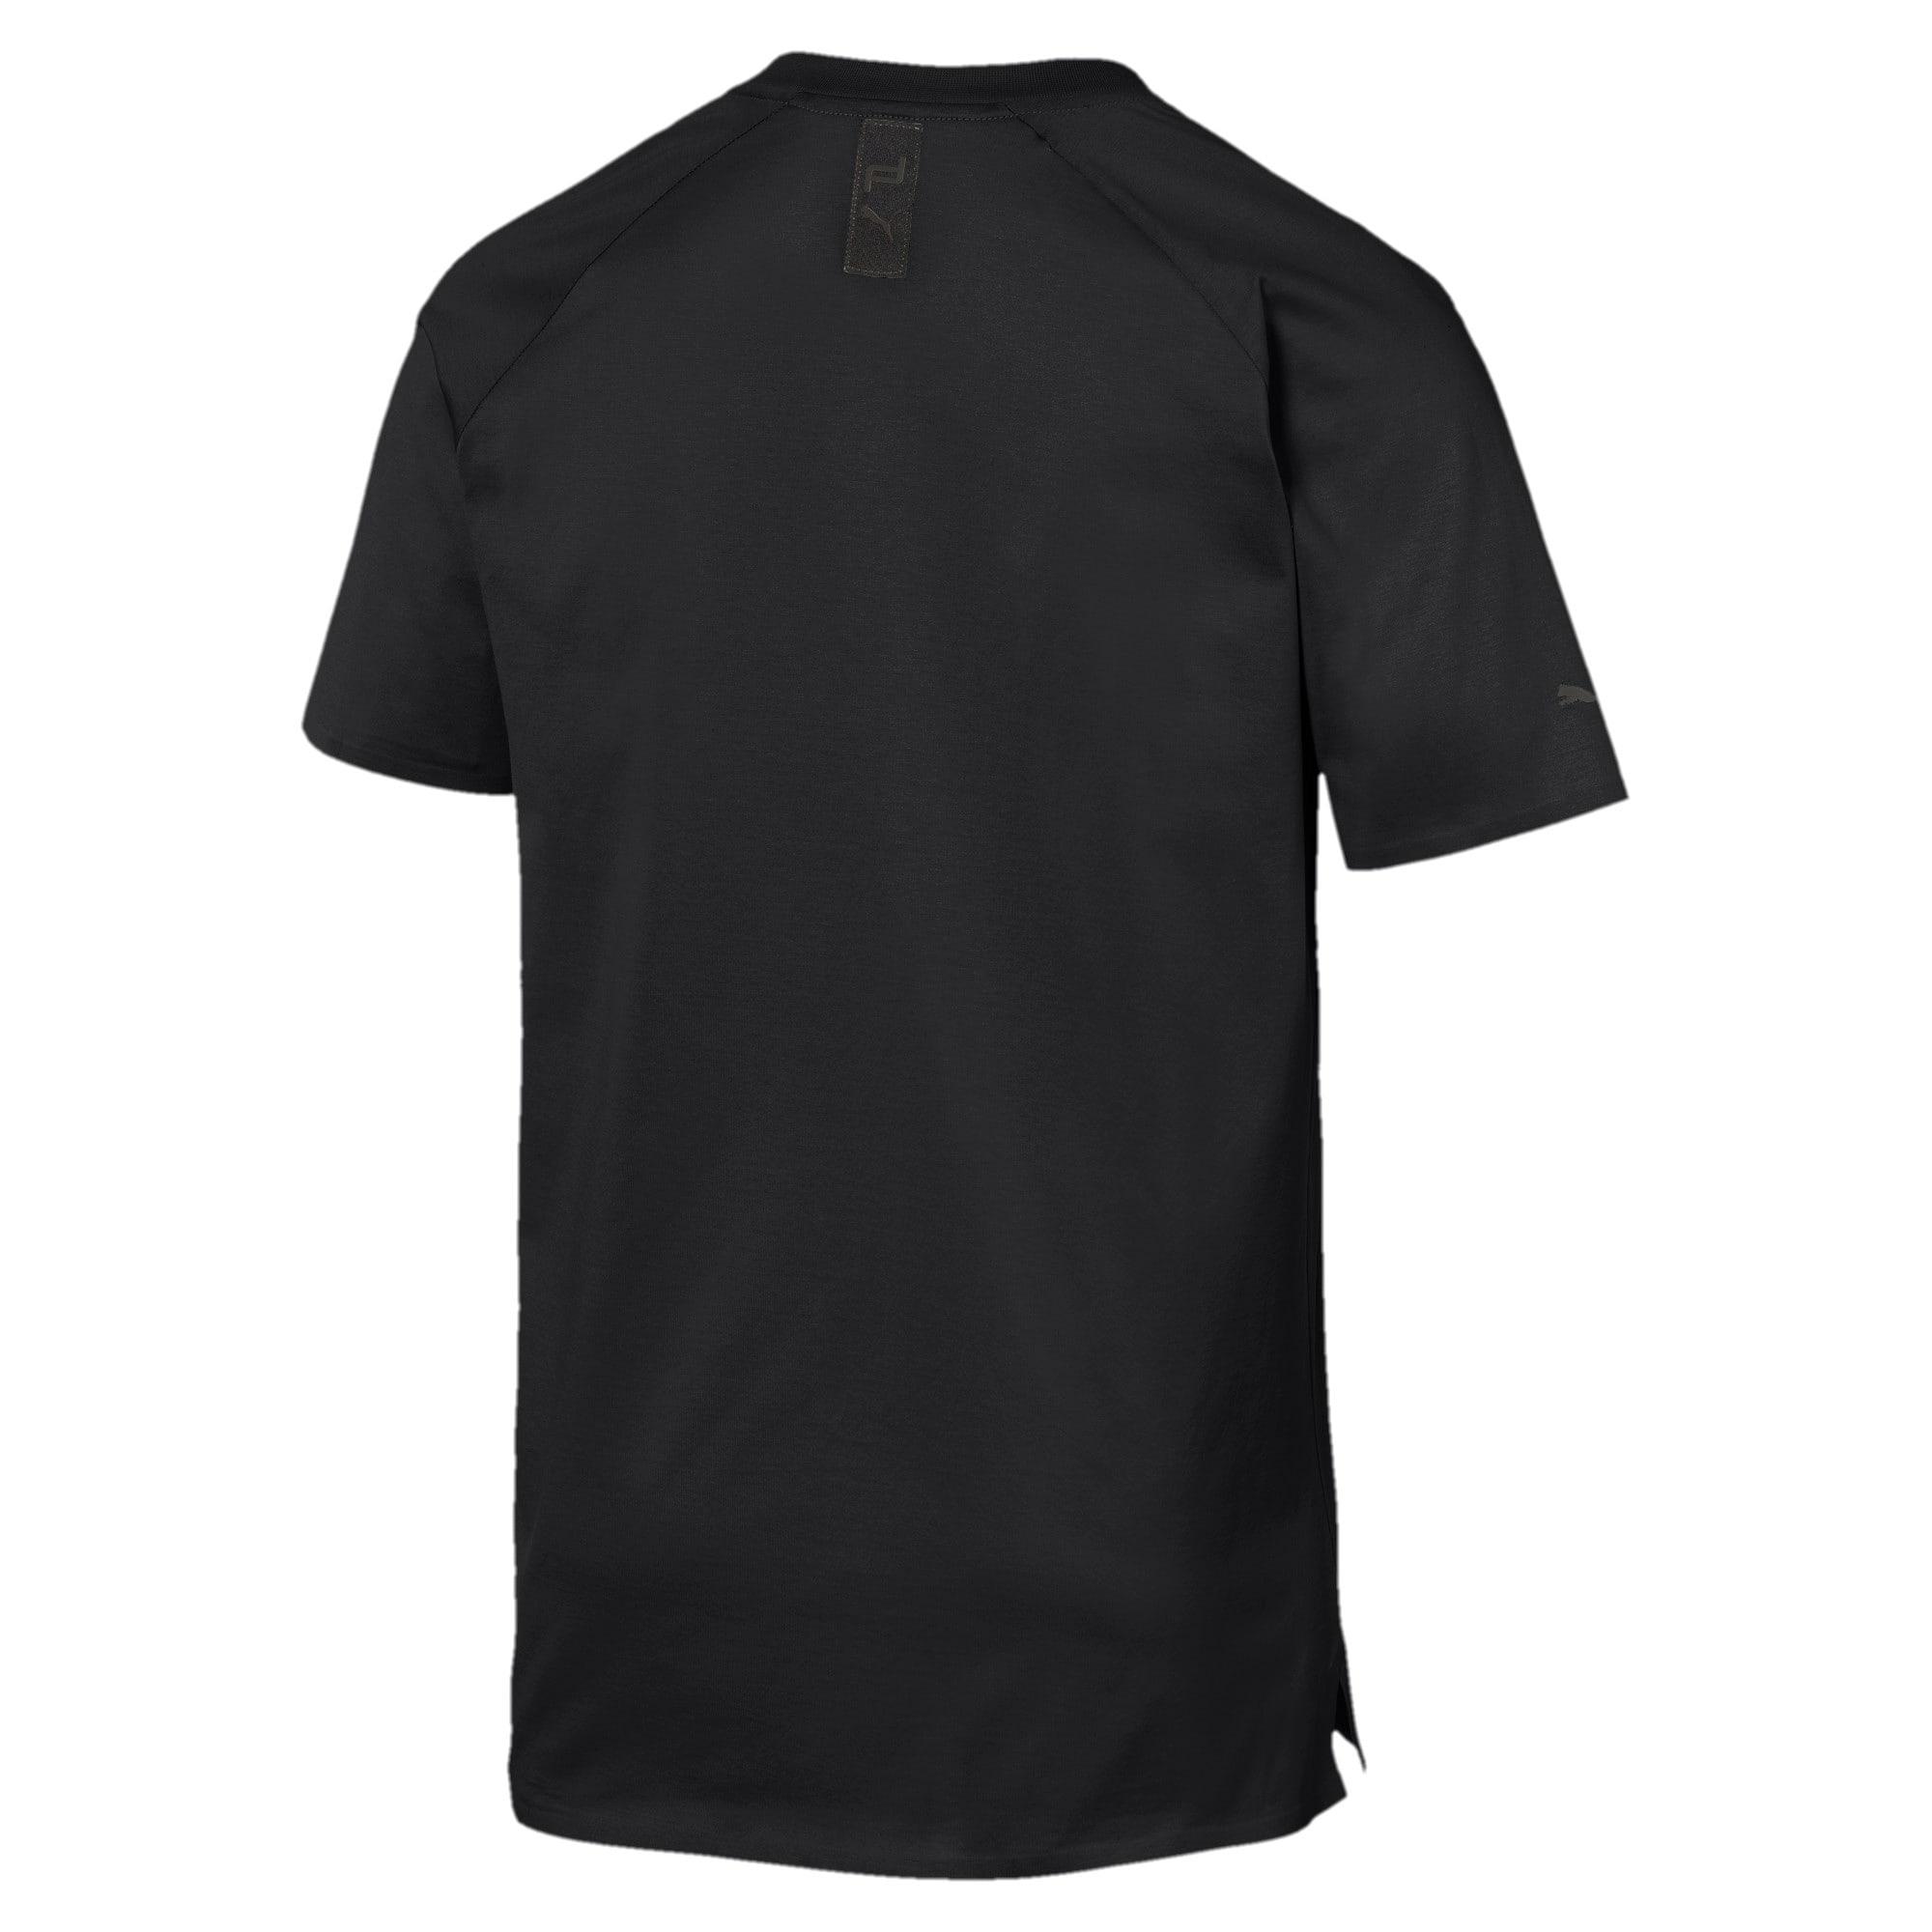 Thumbnail 3 of PORSCHE DESIGN  ライフ Tシャツ, Jet Black, medium-JPN